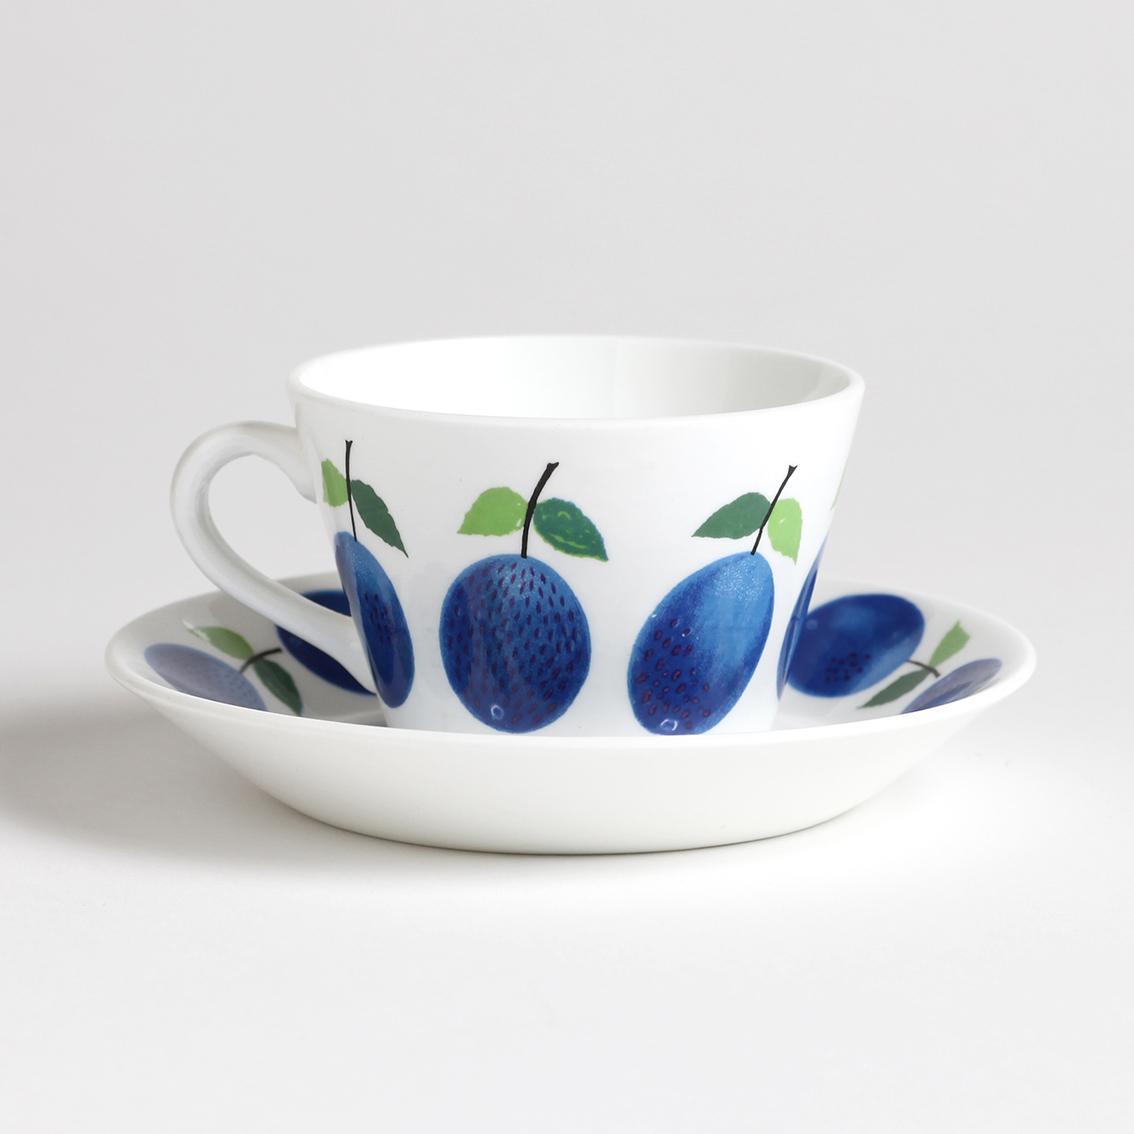 Gustavsberg グスタフスベリ Prunus プルーヌス コーヒーカップ&ソーサー -4 北欧ヴィンテージ